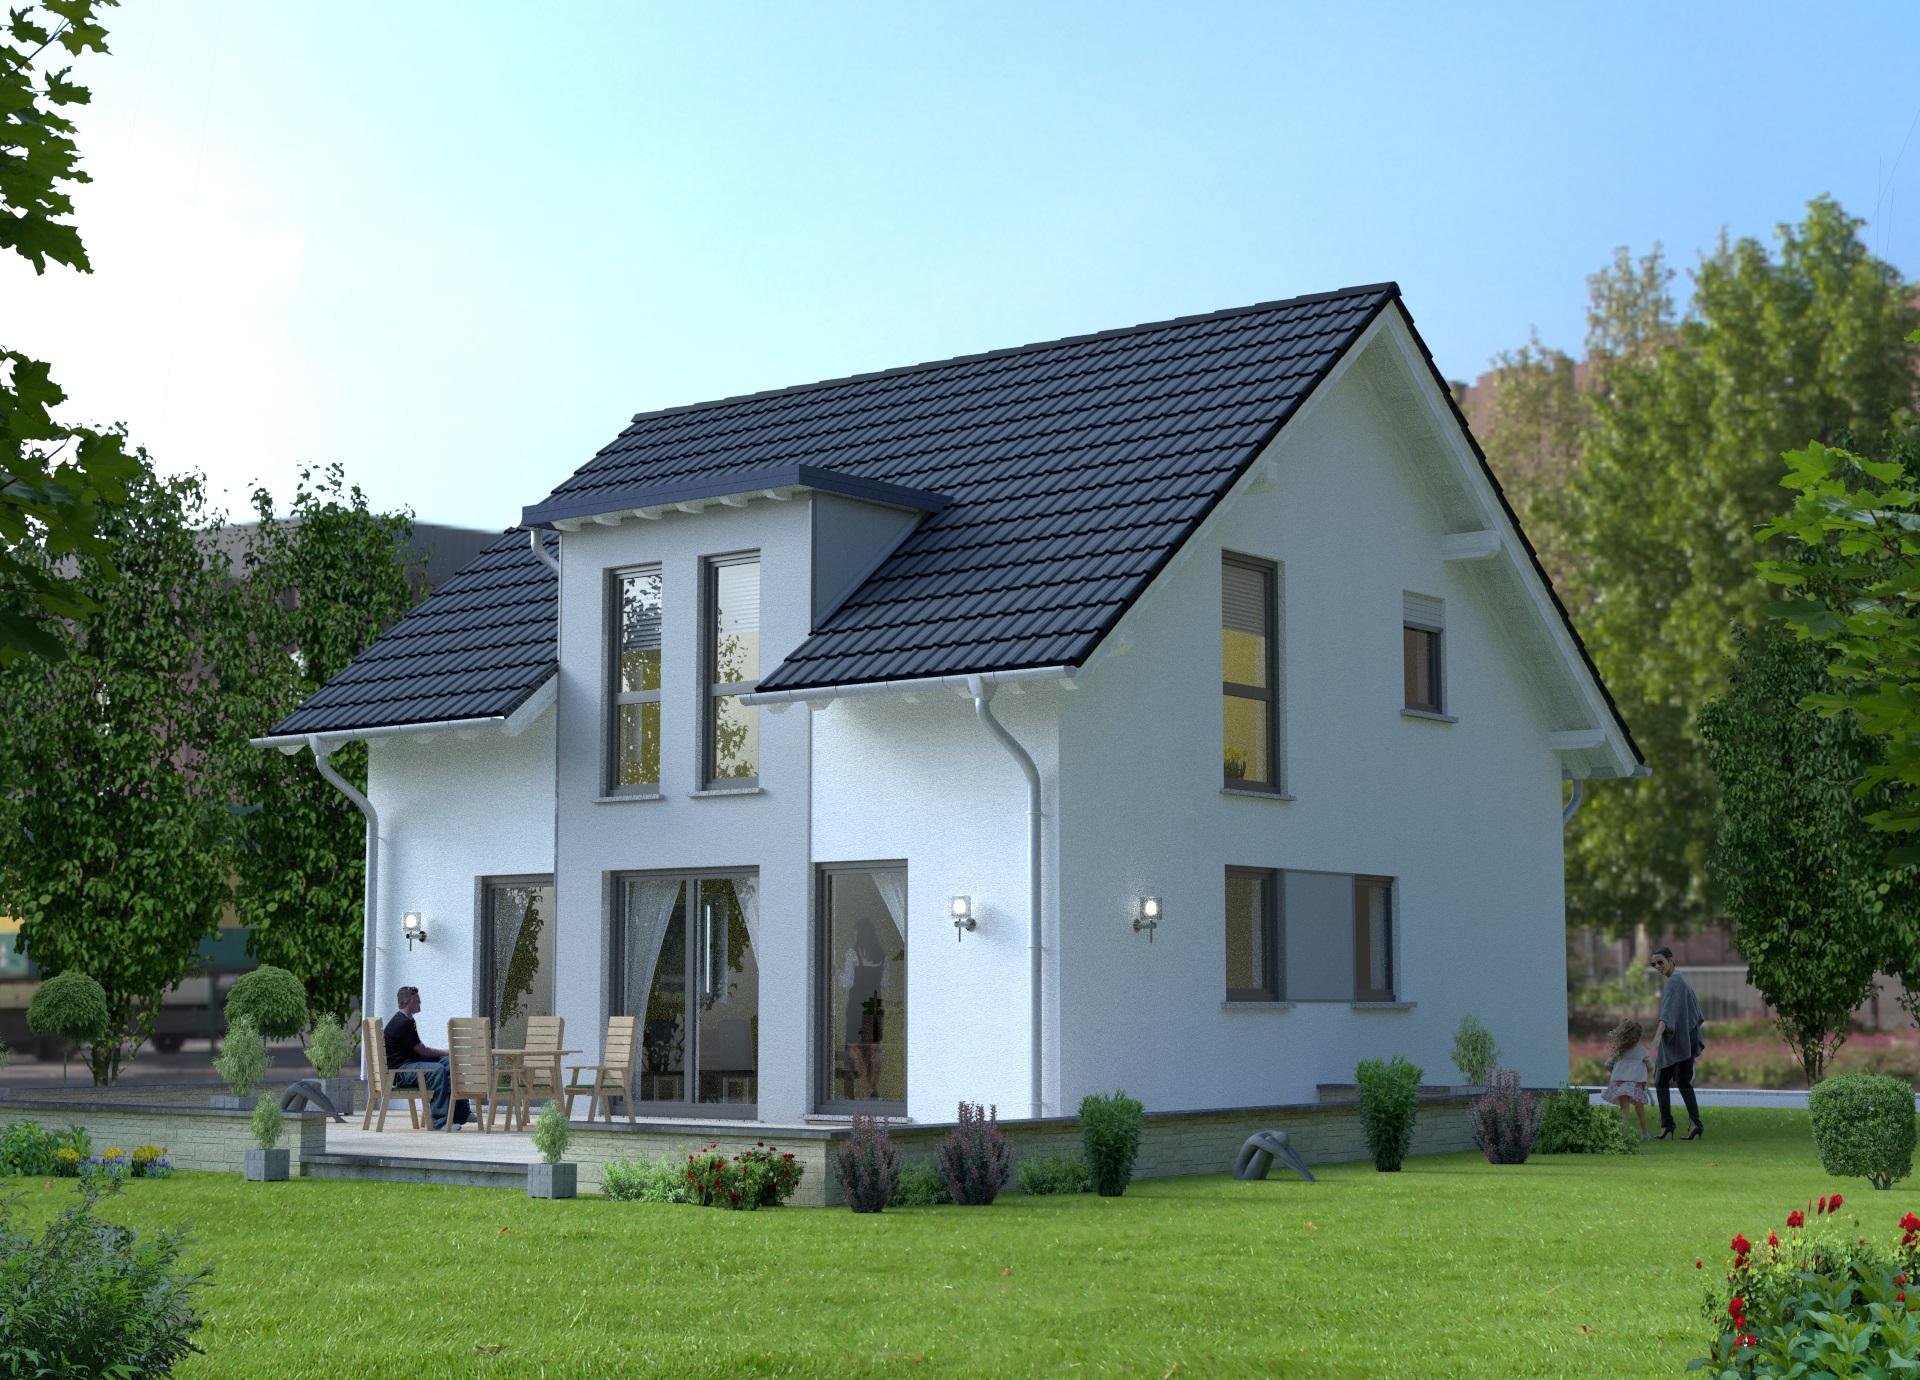 Architektur-Visualisierung Einfamuilienwohnhaus